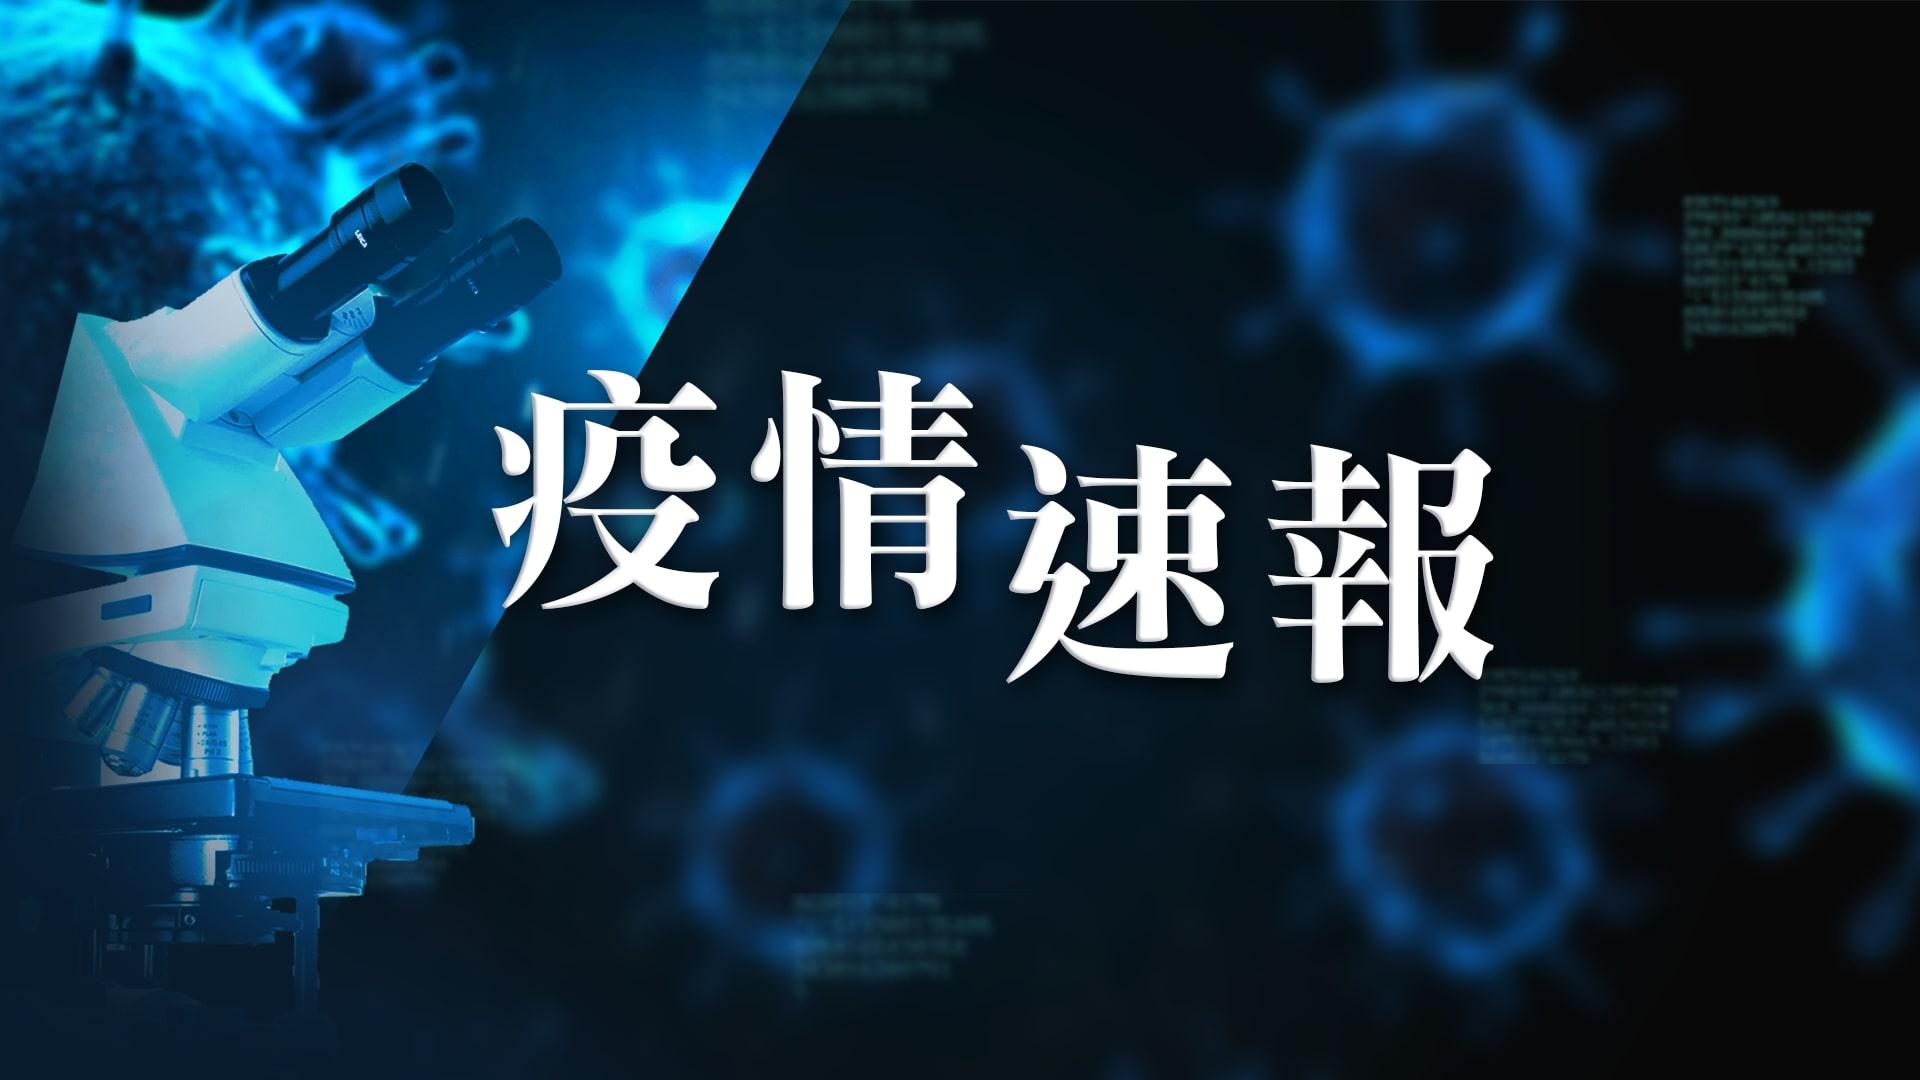 【10月21日疫情速報】(14:45)